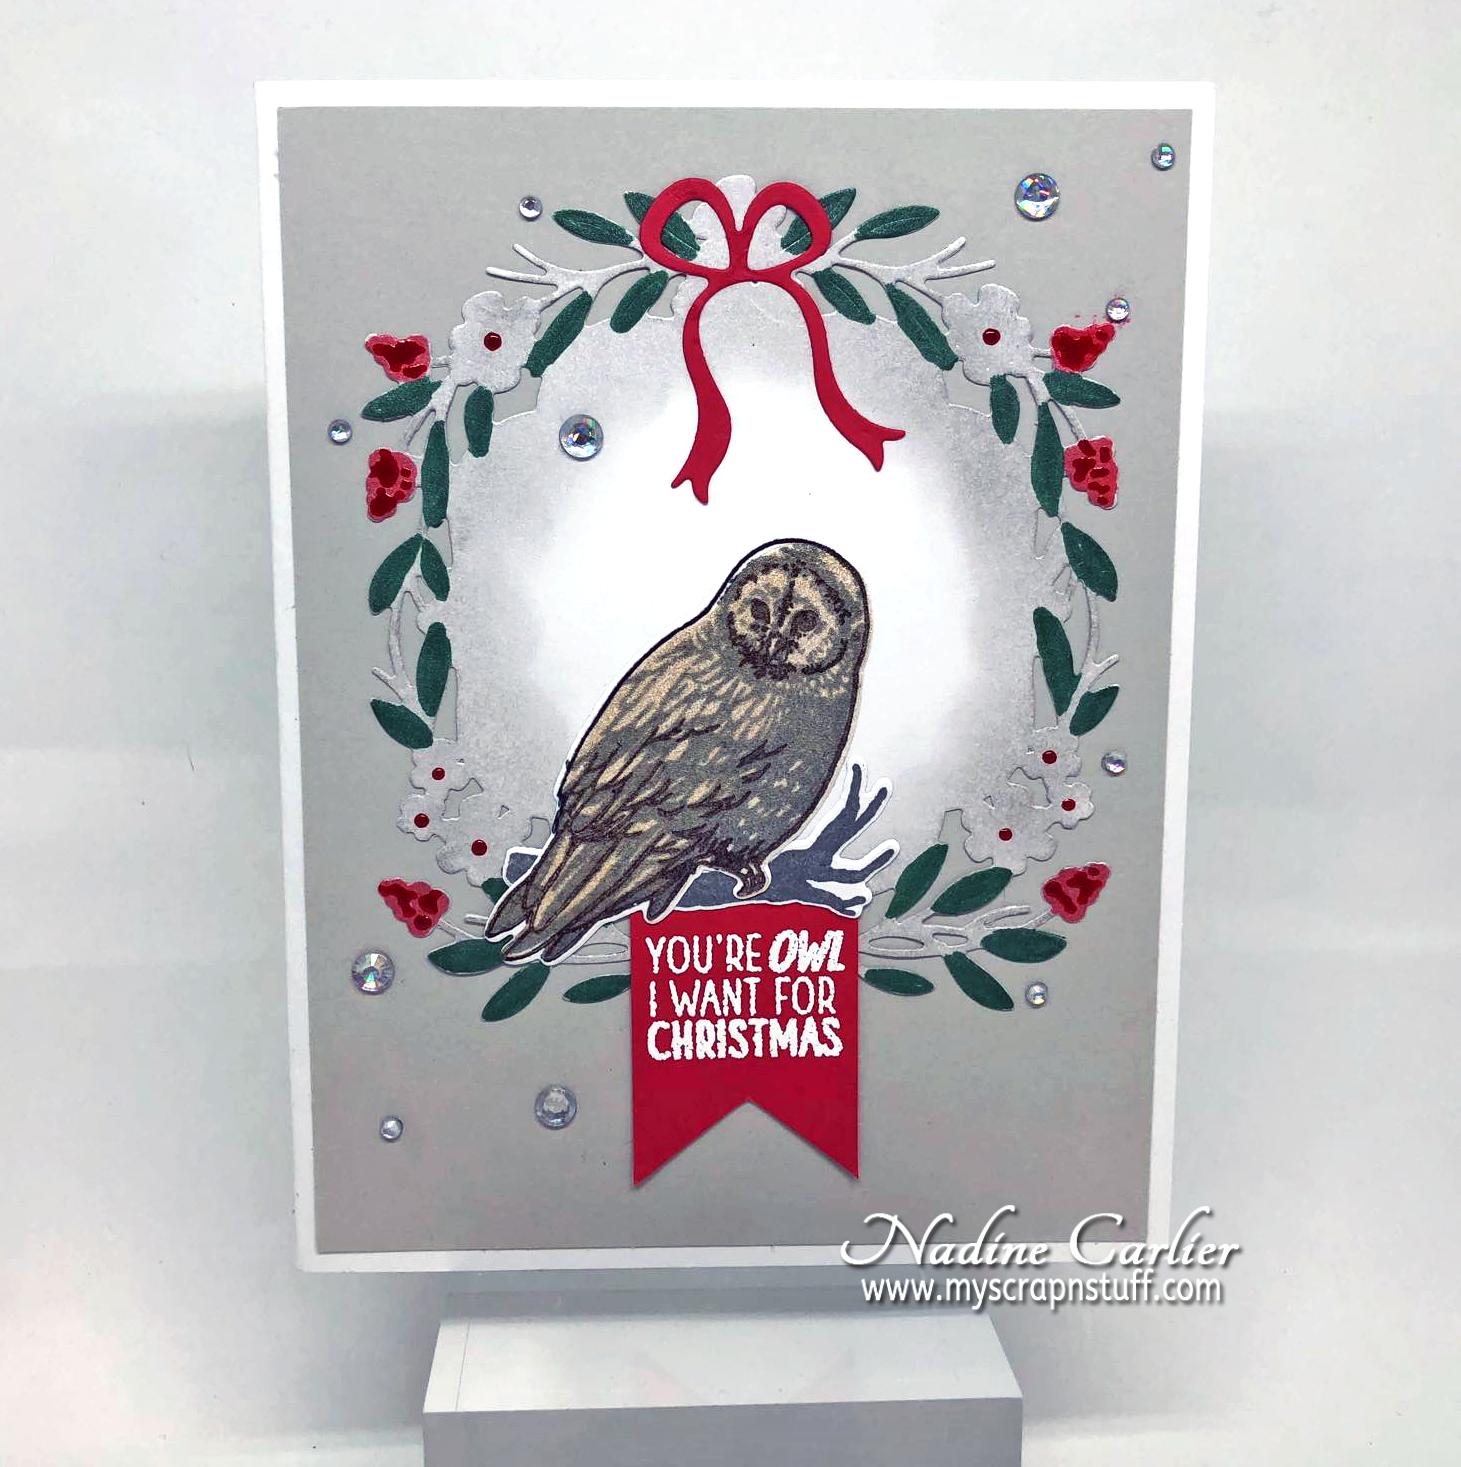 Nadine Carlier: Simple Christmas Card